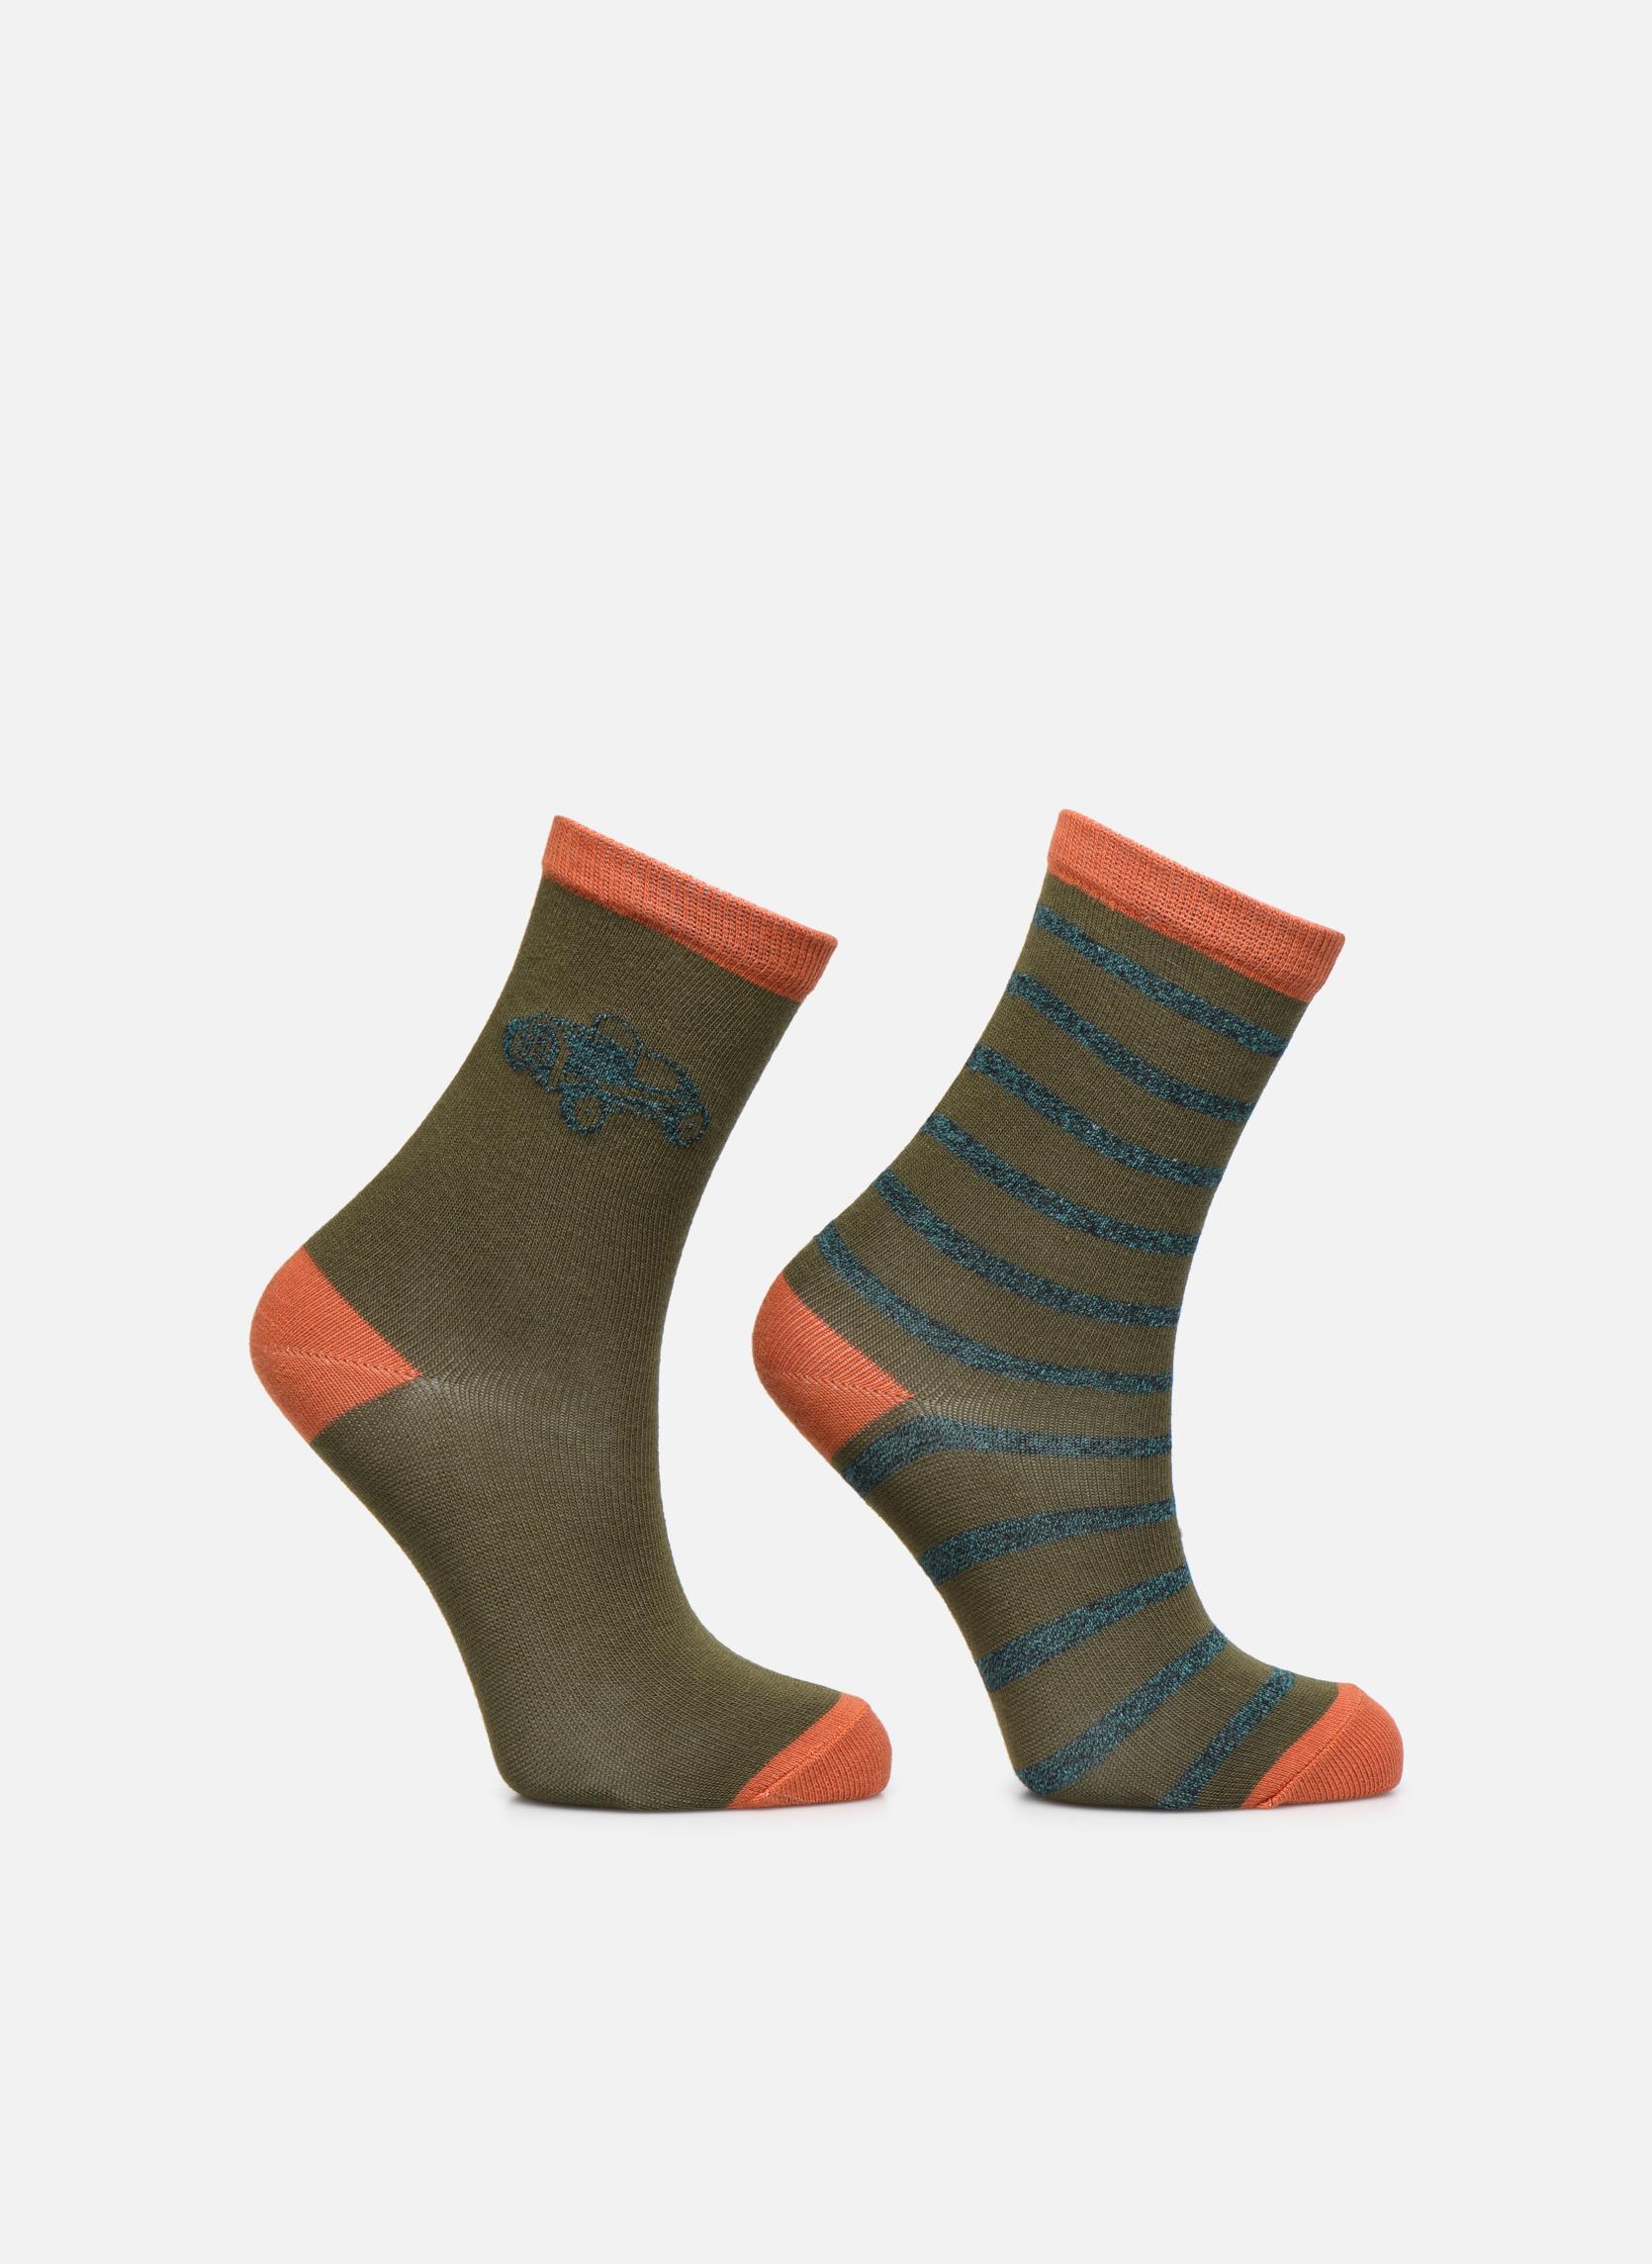 Socken & Strumpfhosen Accessoires Socken Fantaisie 2er-Pack